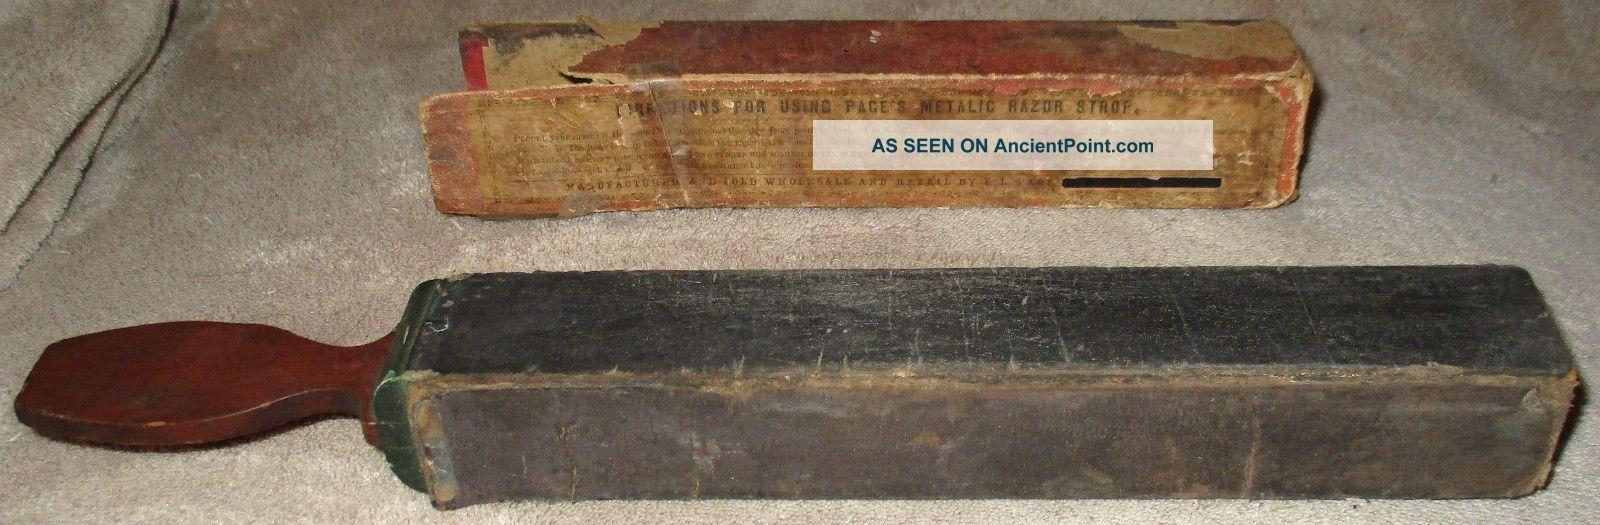 Antique 1800 ' S Rare Page ' S Metallic Razor Strop In Orig Box E.  L.  Page Primitive Other photo